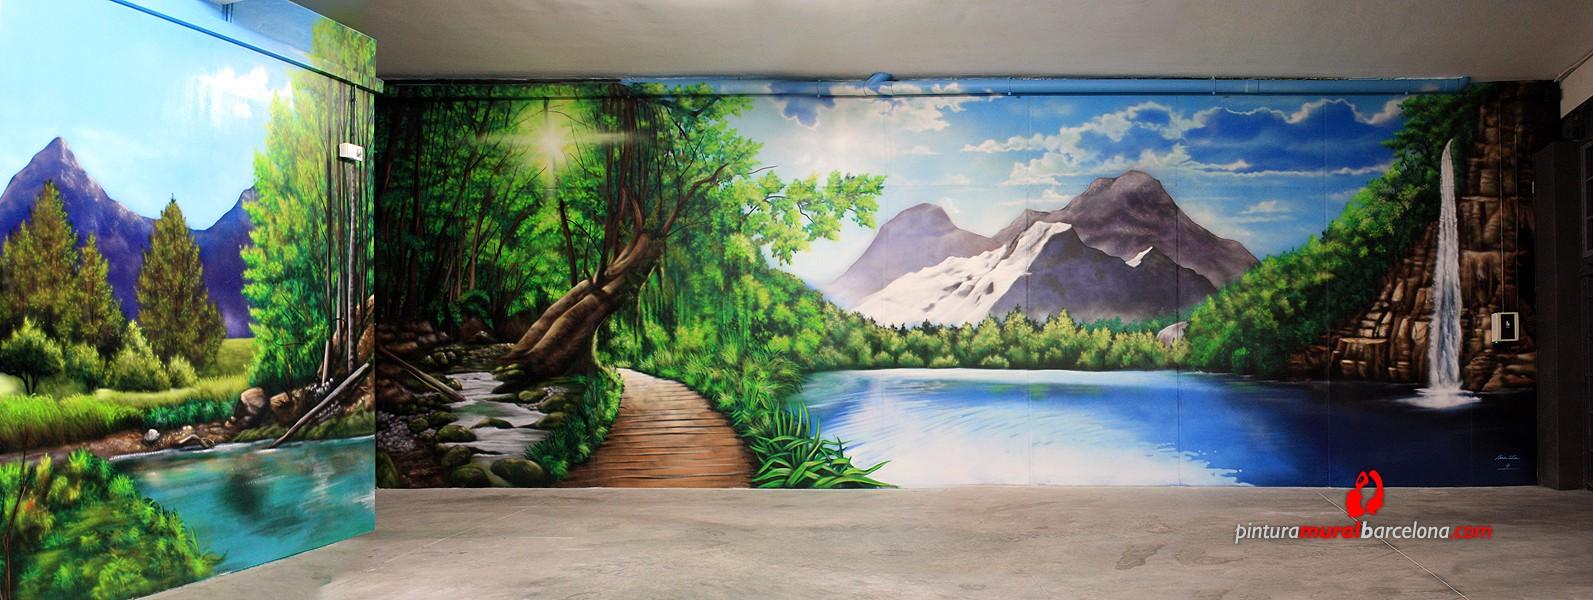 Como hacer paisajes 3d como el de la pelicula avatar en tu for El mural pelicula